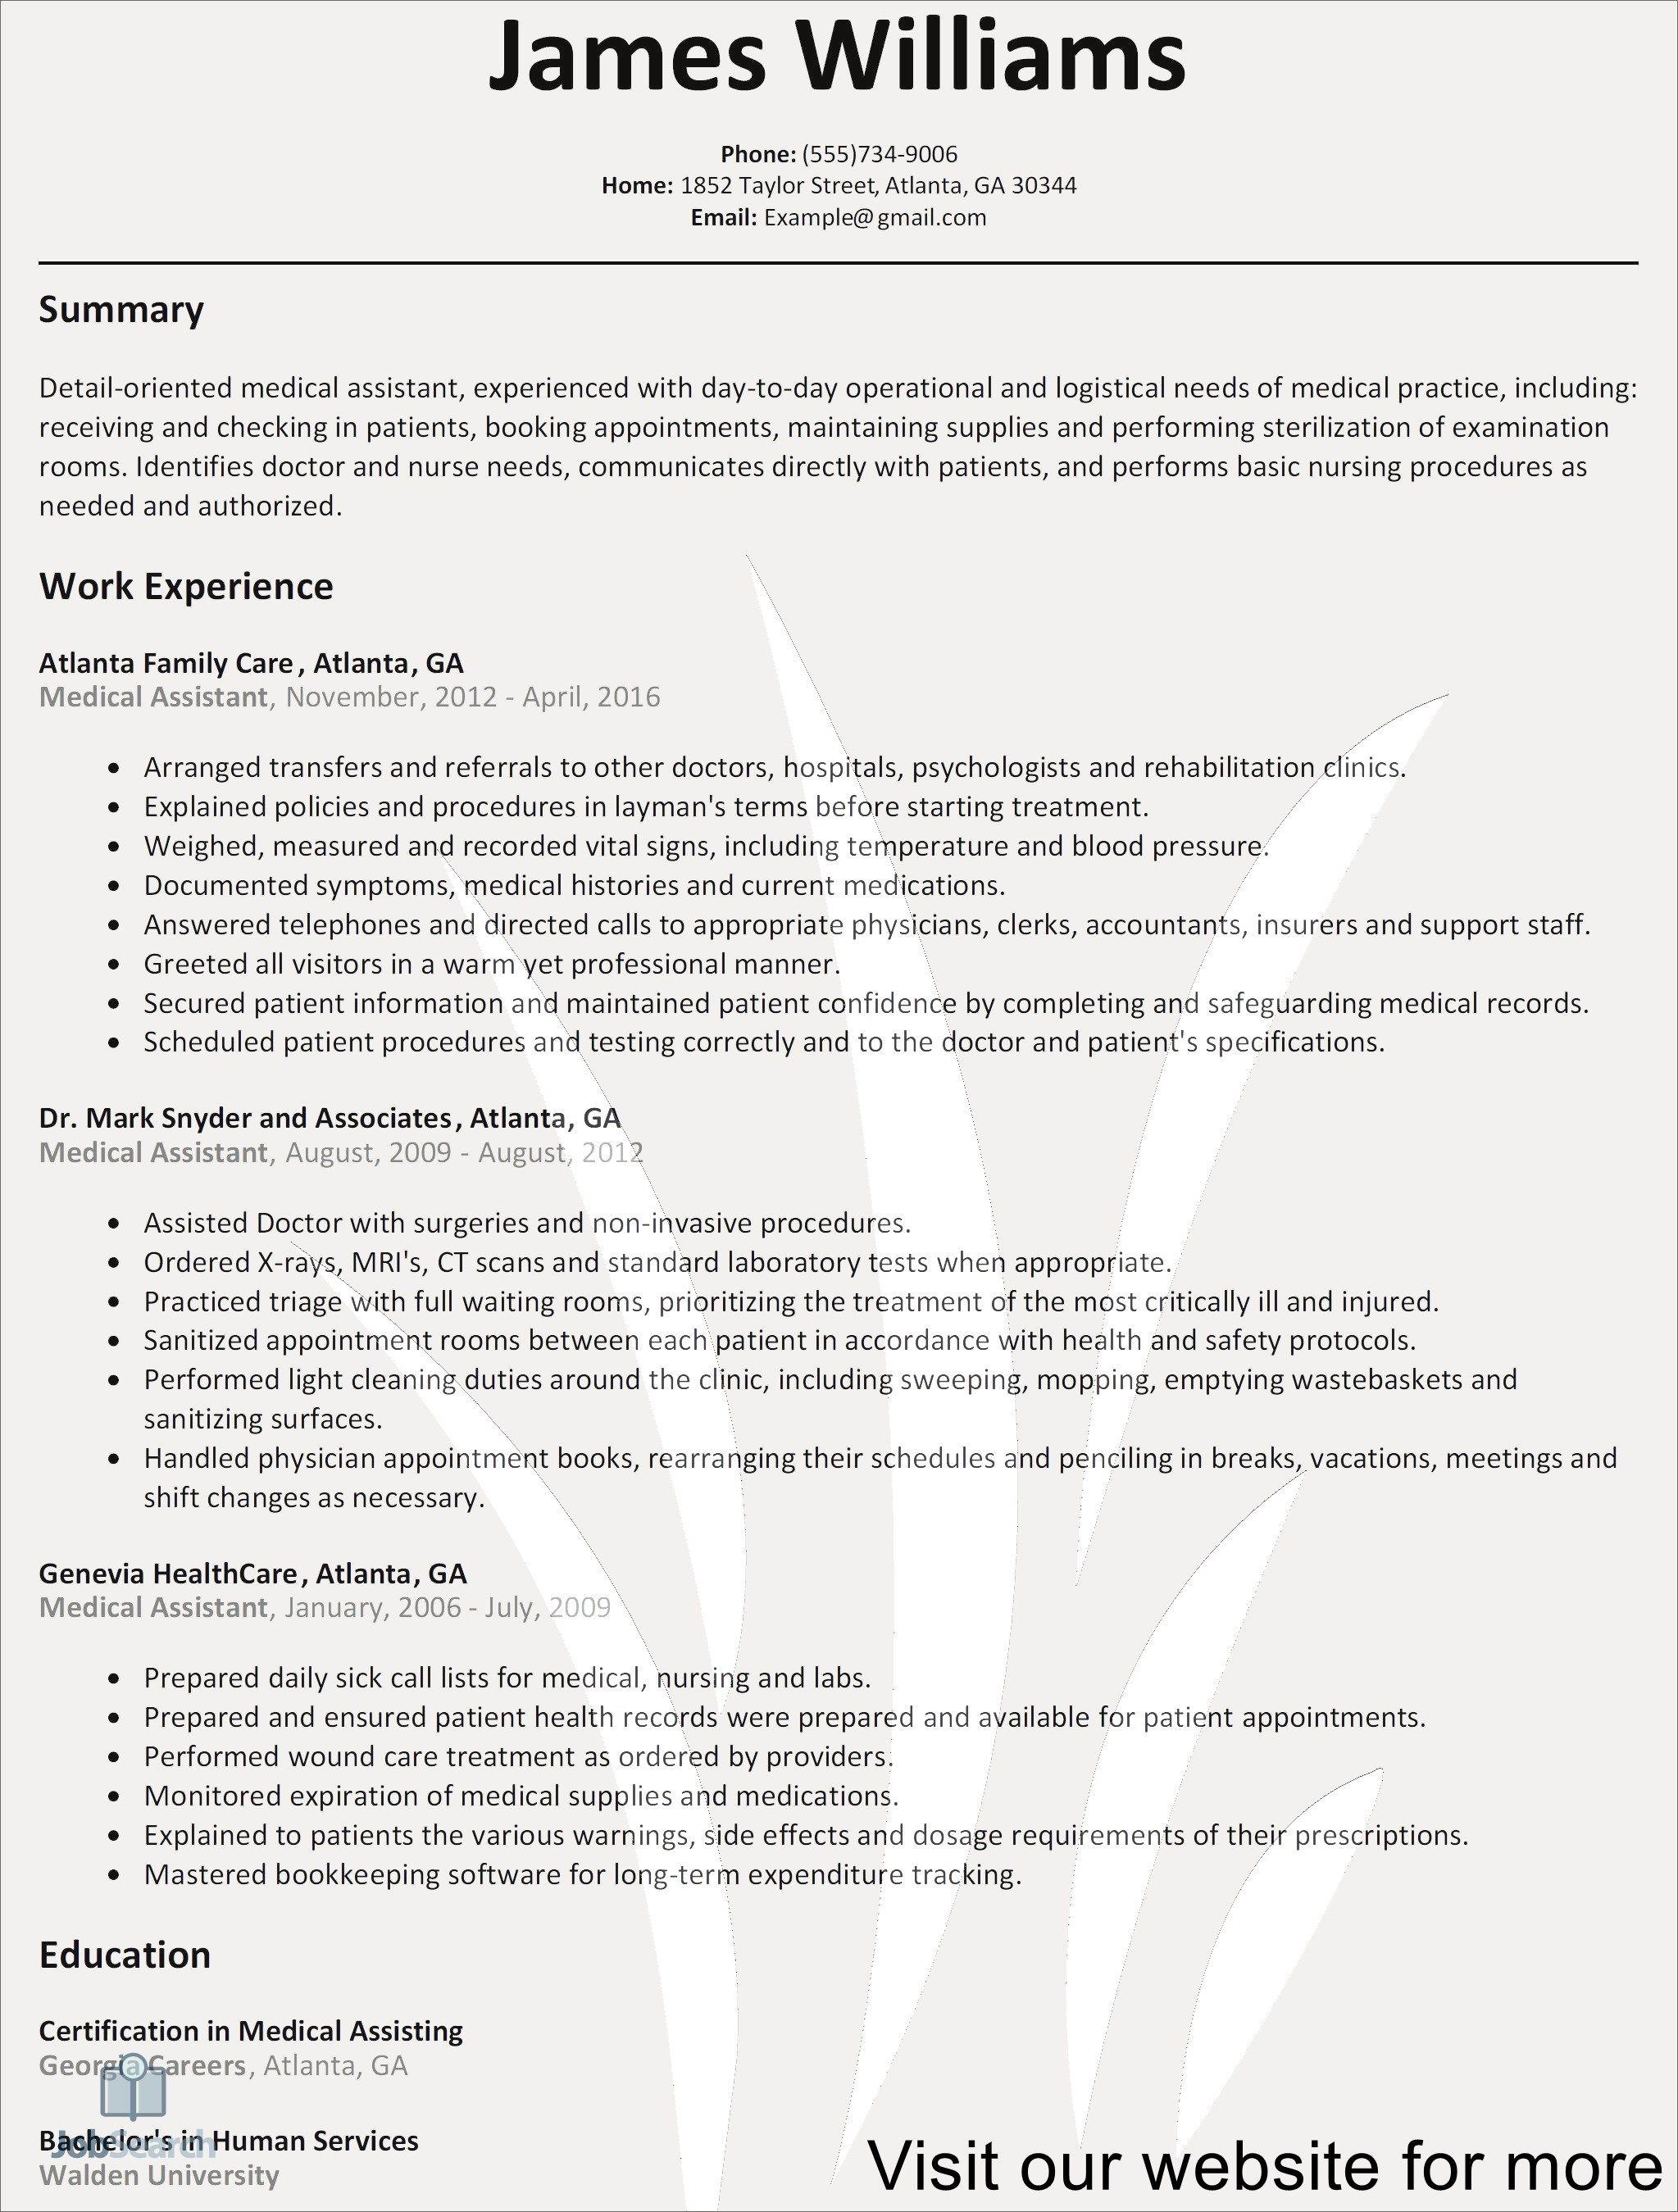 resume template australia Best in 2020 Basic resume